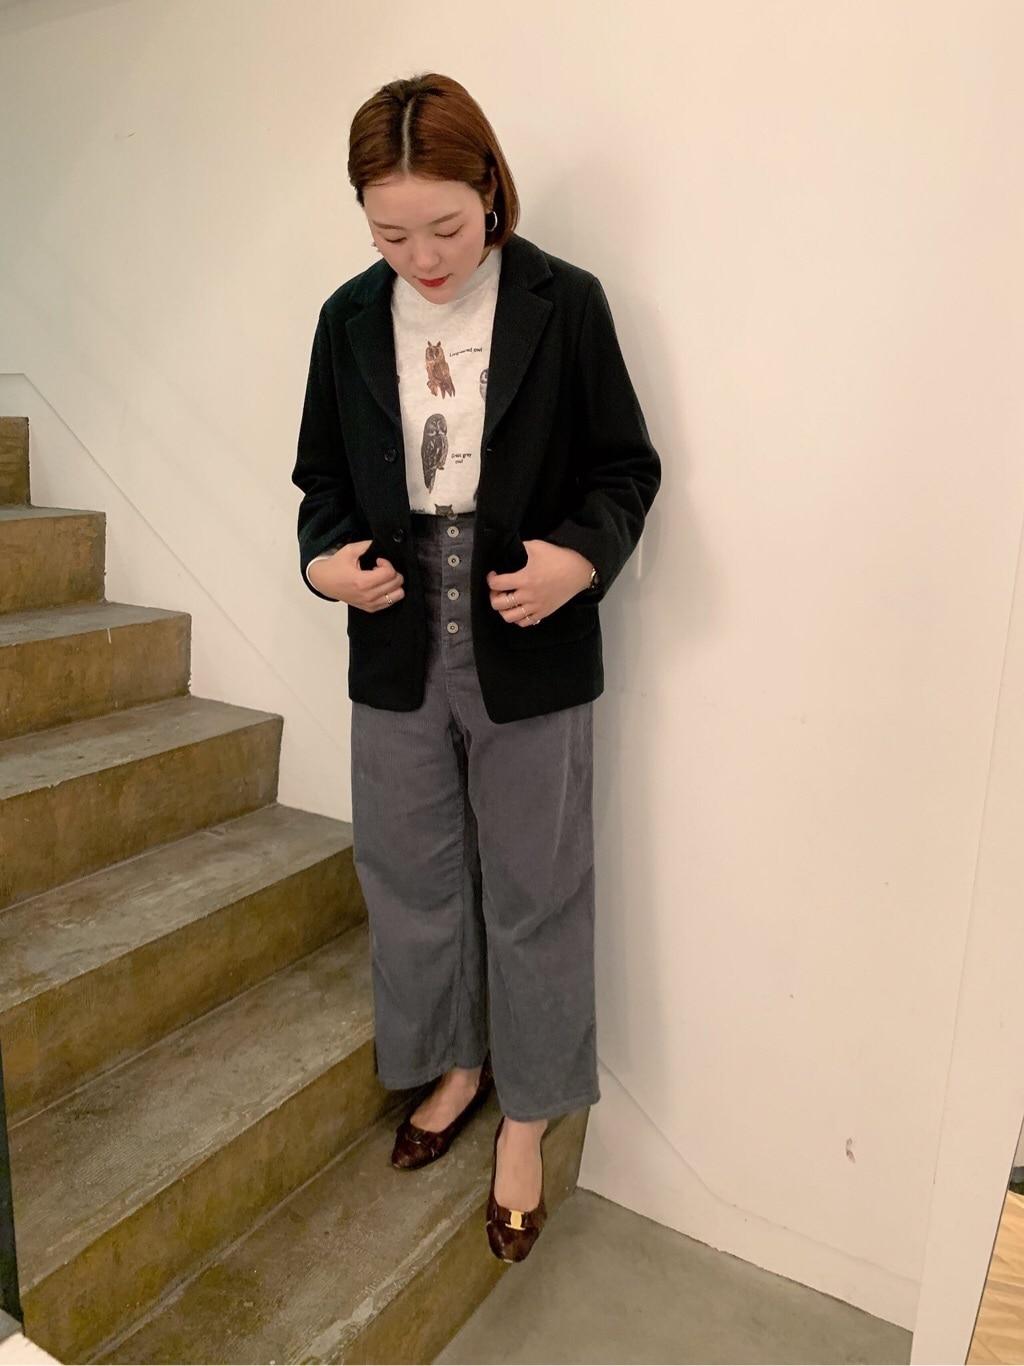 l'atelier du savon 京都路面 身長:166cm 2019.10.01